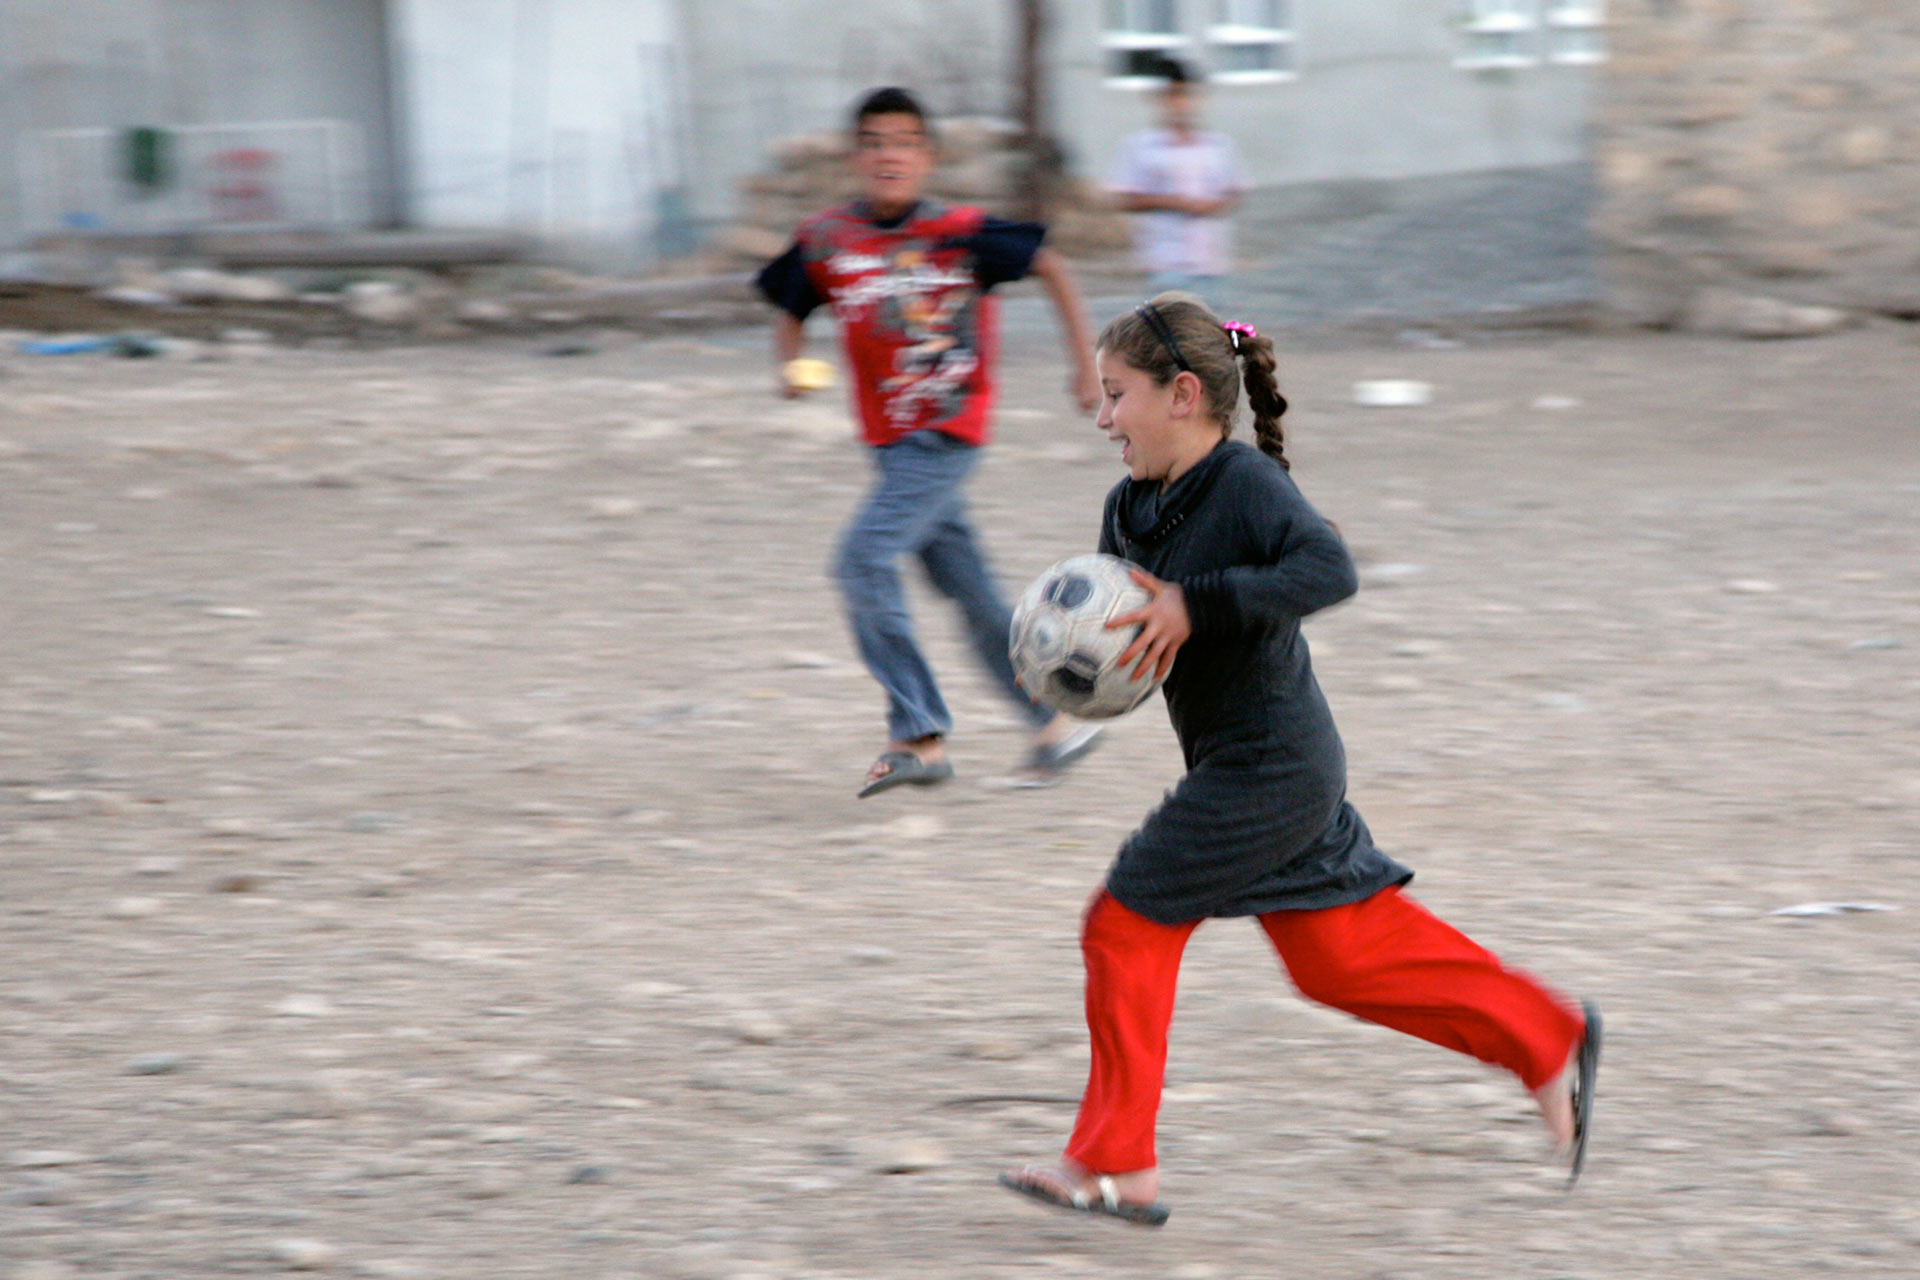 Auch Mädchen spielen Fussball in der manchmal fortschrittlichen Osttürkei...